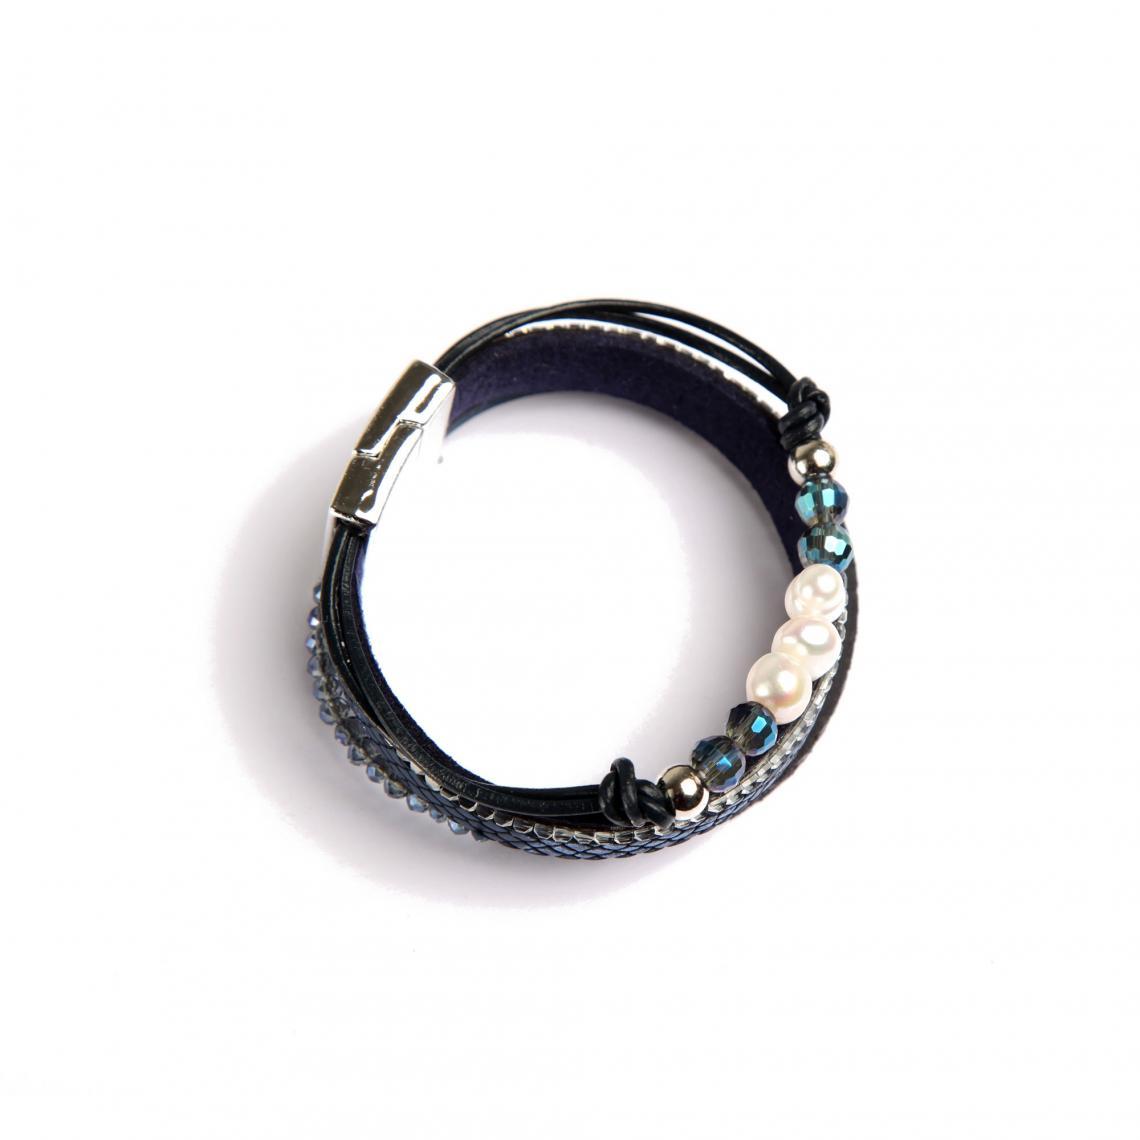 Bracelet avec perles fantaisie multicolores femme - Bleu Marine